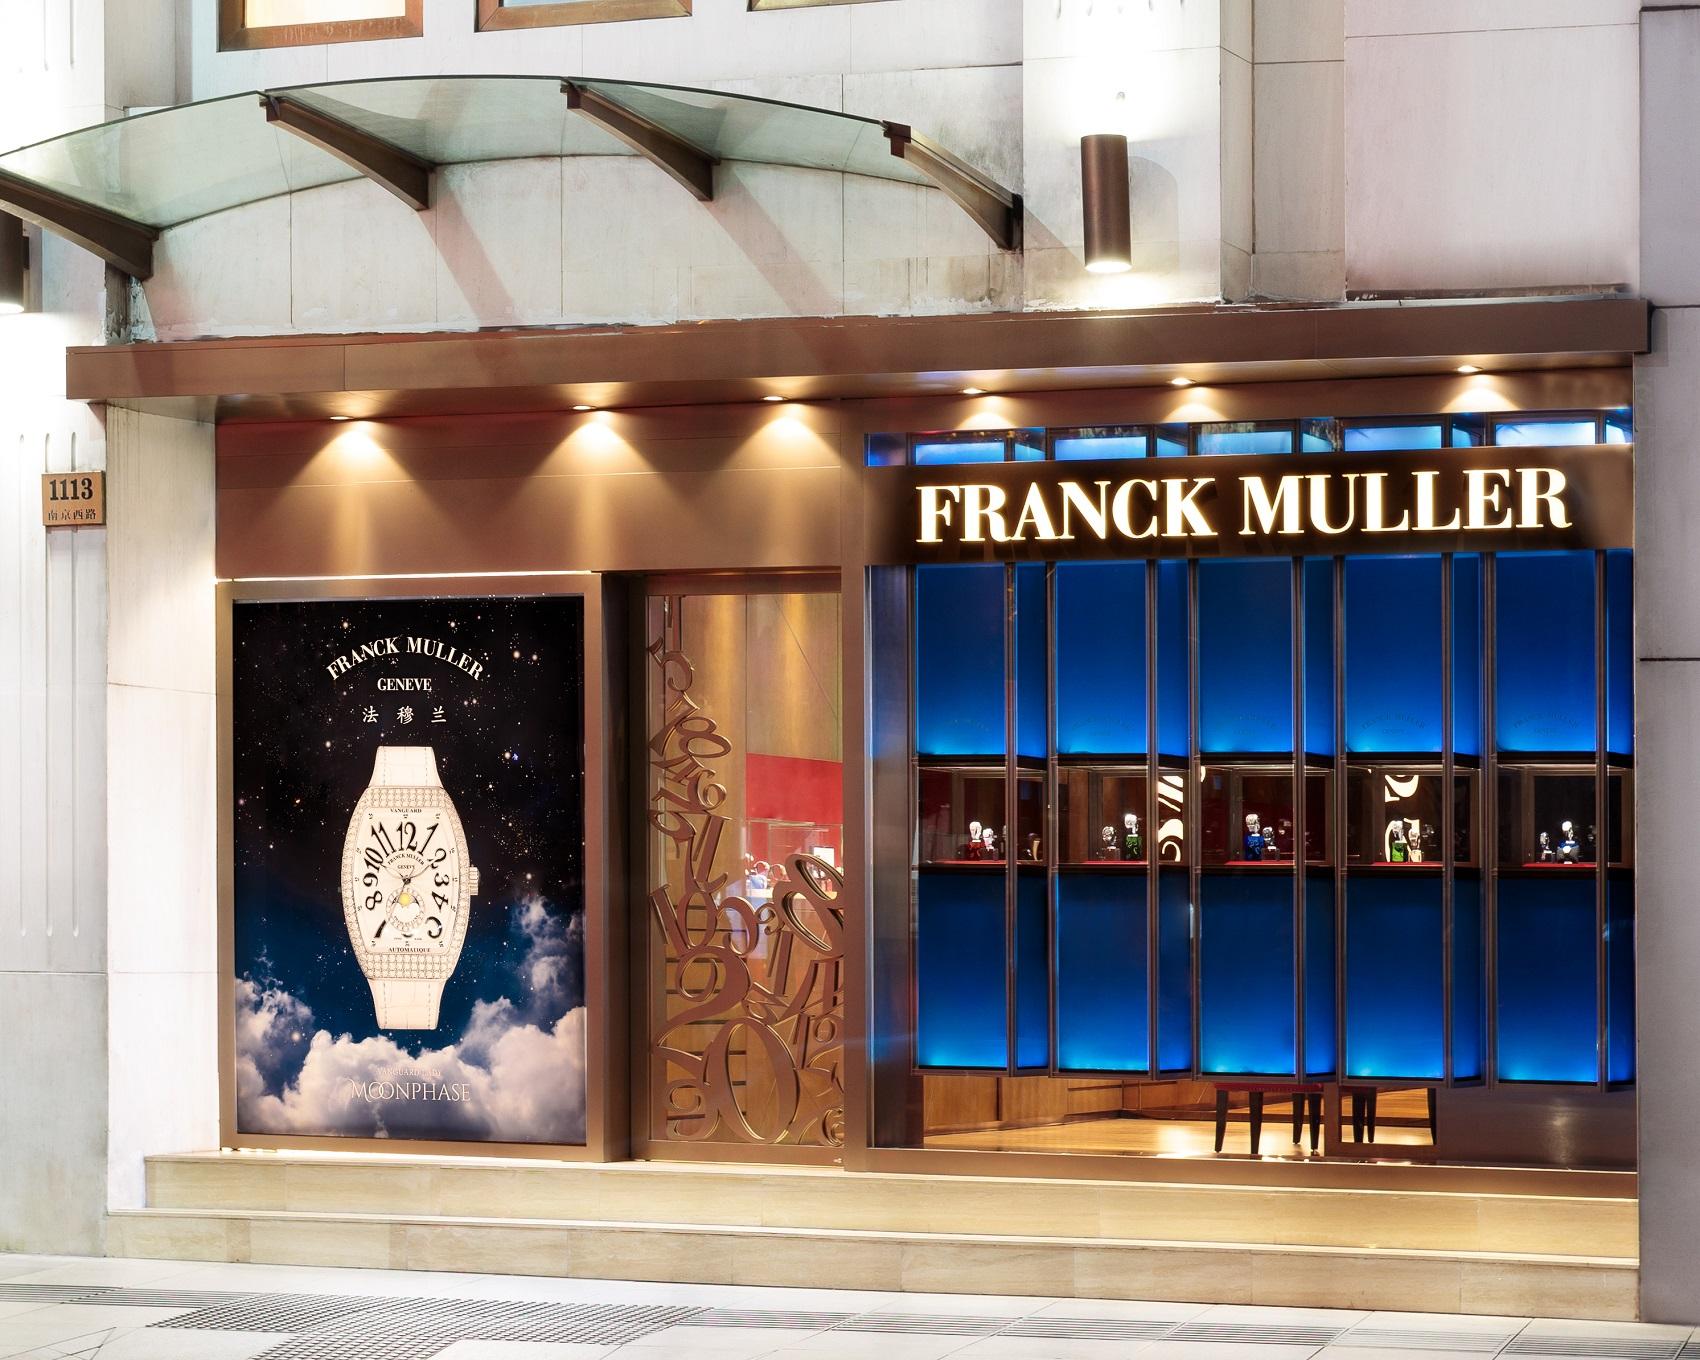 Franck Muller_Shanghai Nanjing West Road Boutique Opening_6.jpg